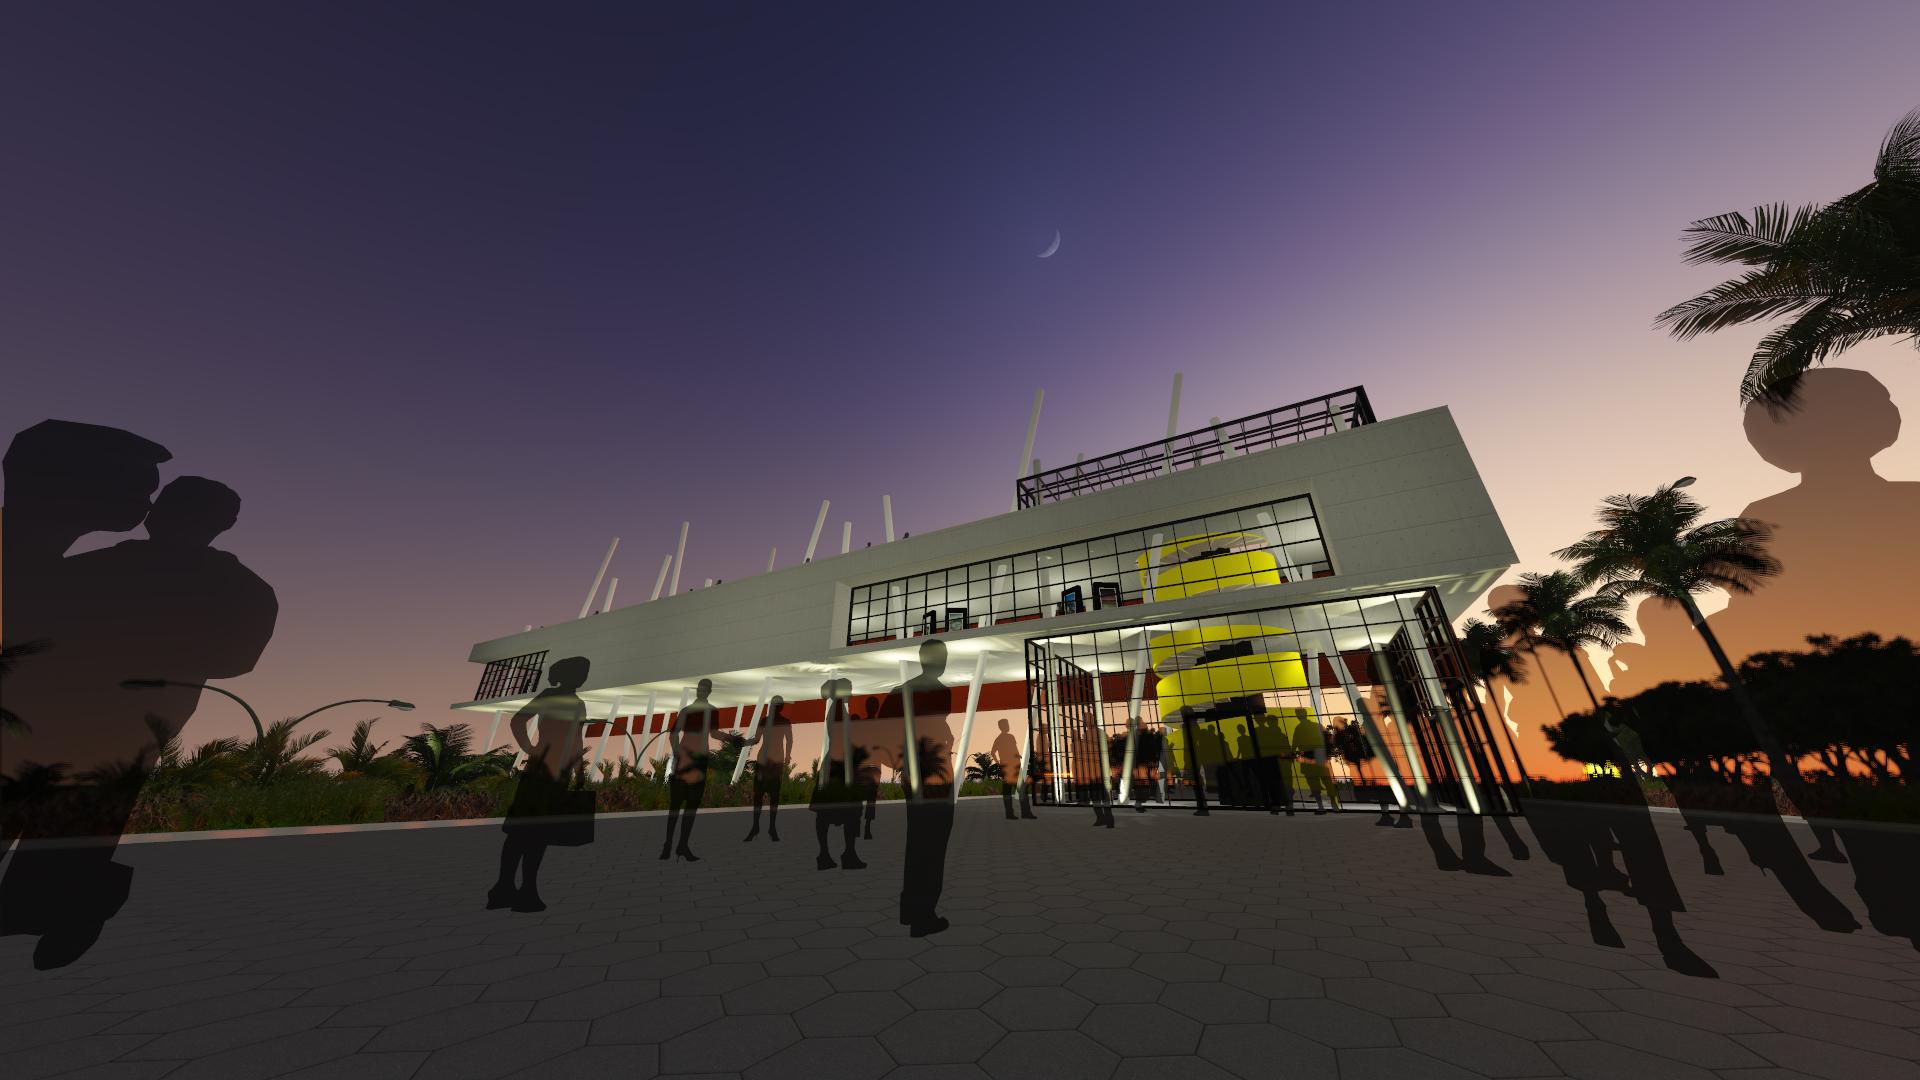 projeto-arquitetonico-museumacaiba-duo-arquitetura-011.jpg